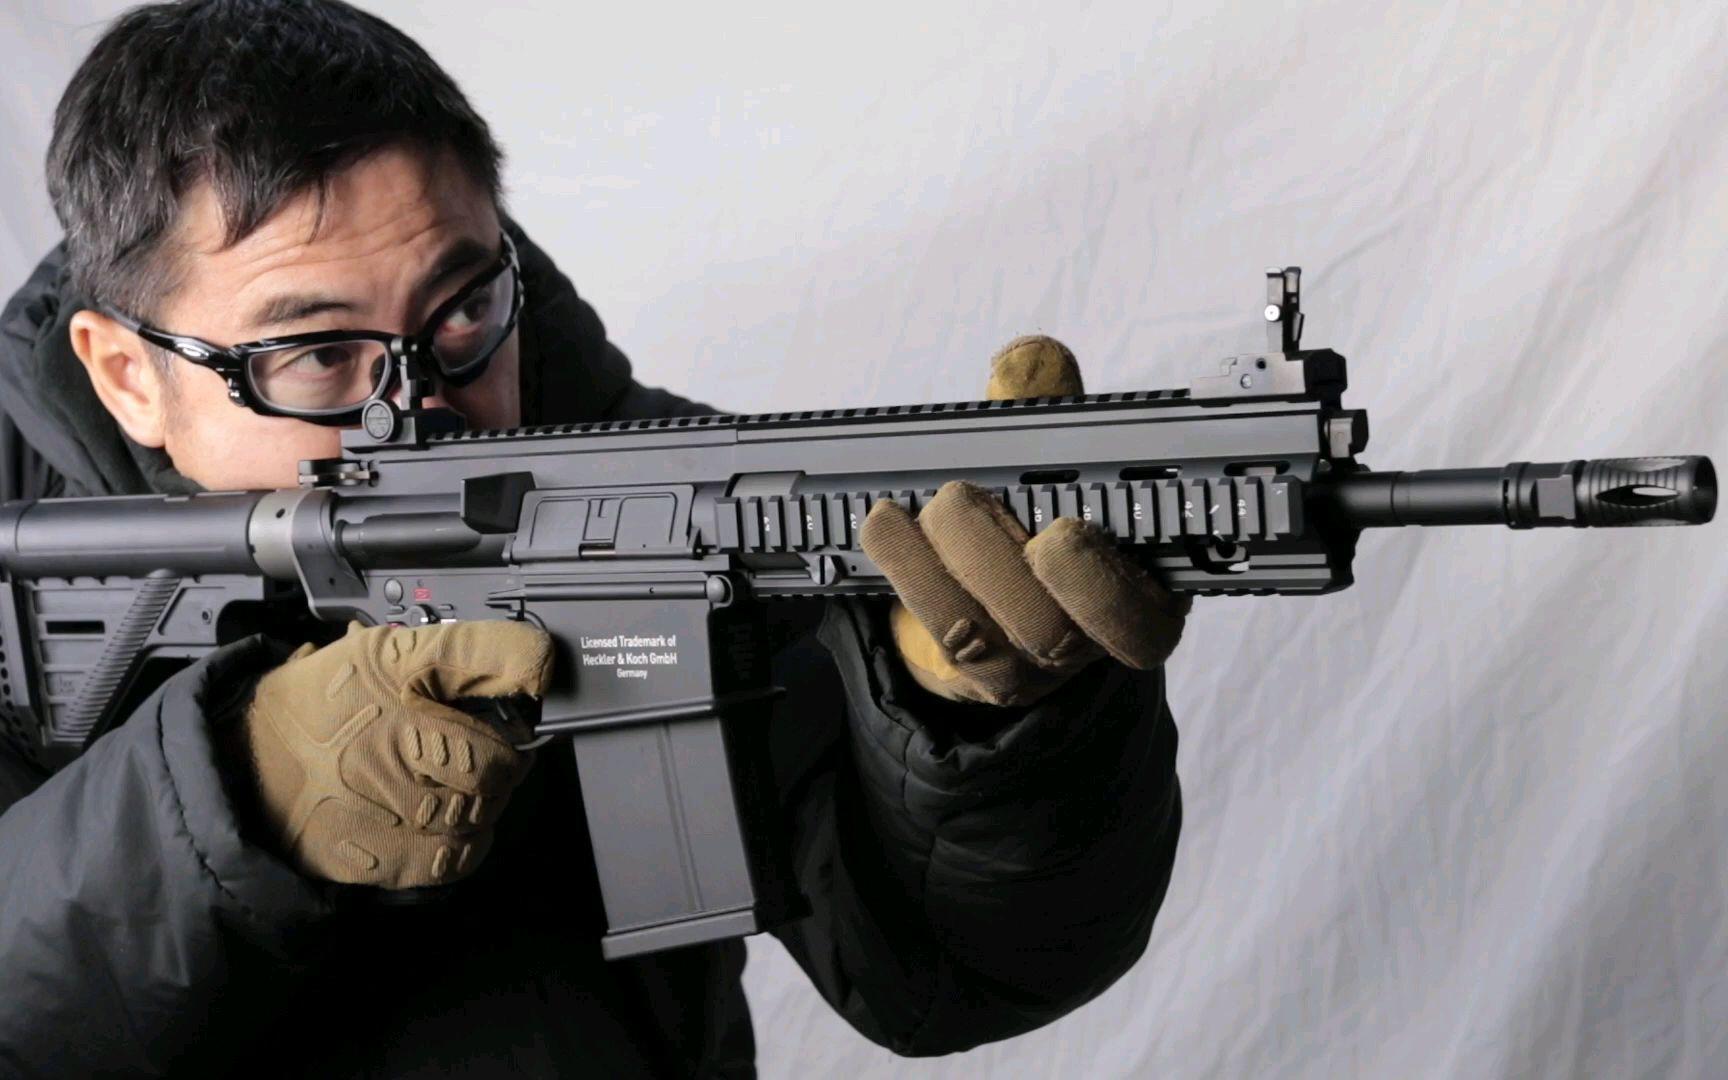 【壕堺大叔】KSC HK417A2 气动回膛玩具枪测评